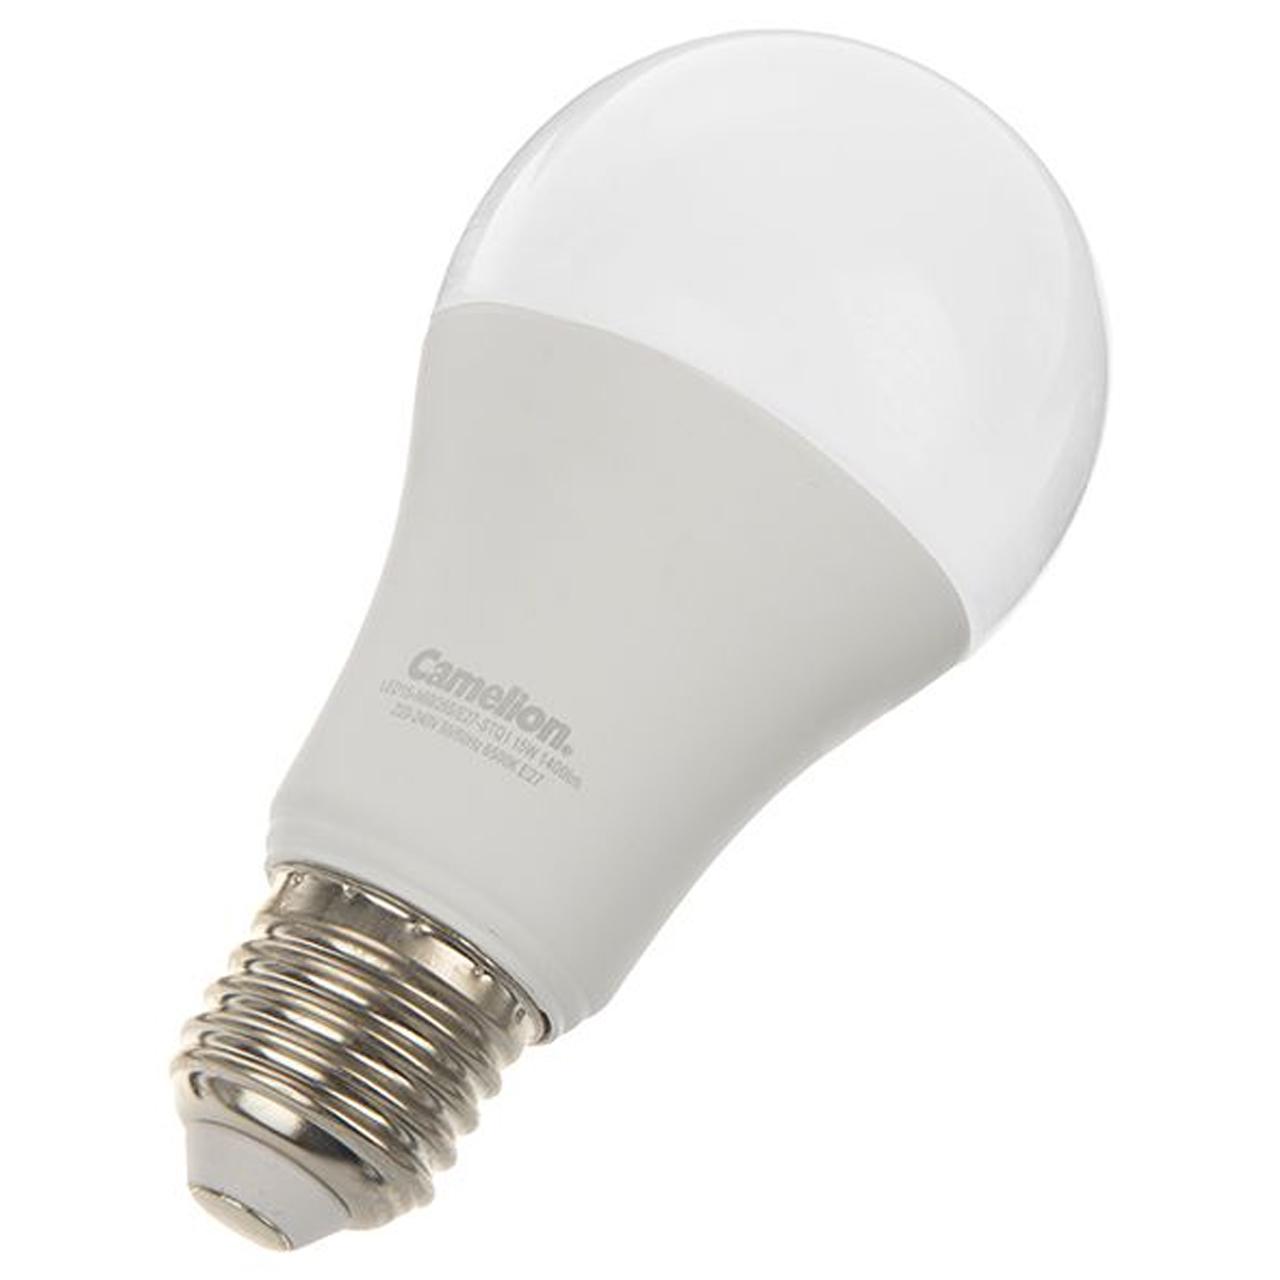 لامپ ال ای دی 15 وات کملیون مدل STQ1 پایه E27 بسته 2 عددی  main 1 3